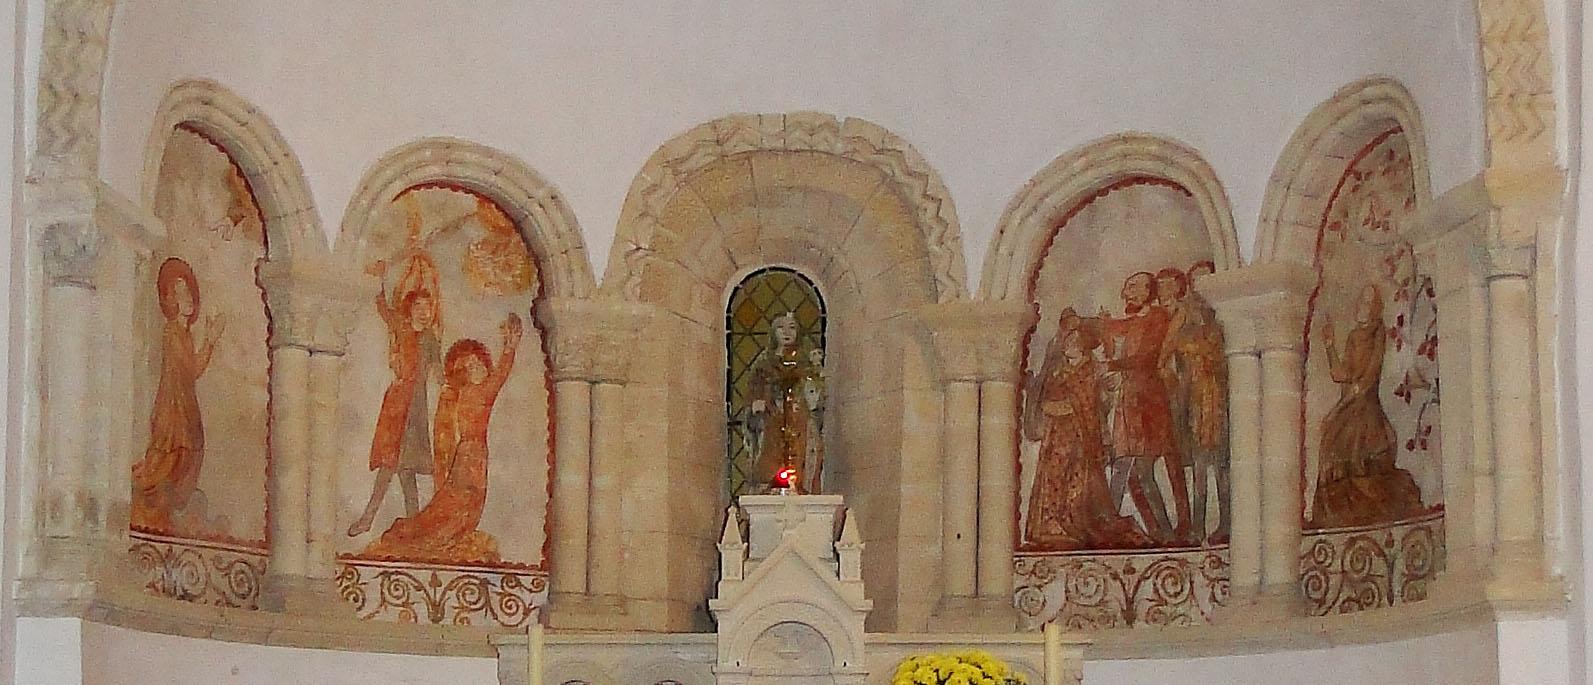 Notre-Dame de Savigny - Cycle de Ste Barbe